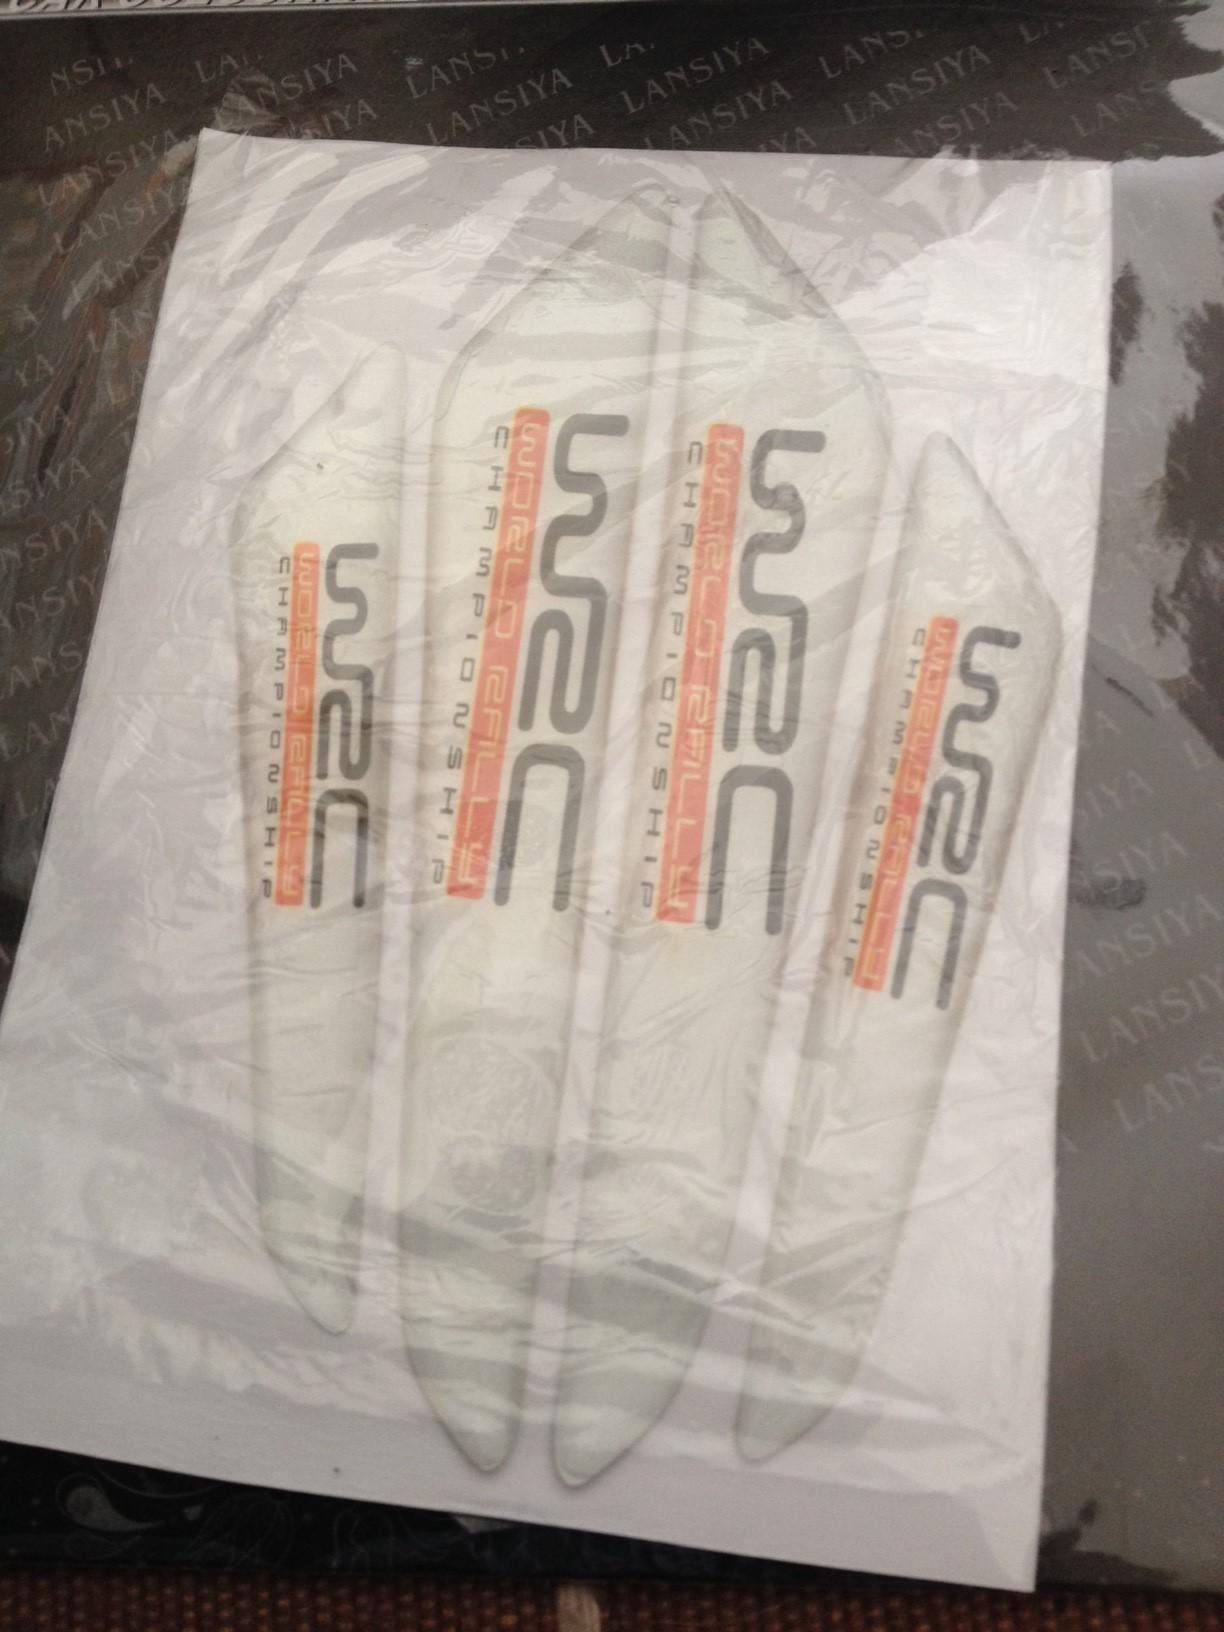 สติ๊กเกอร์ติดรถยนต์ Cushion Door Guard WRC สีขาว (1 pack/4 ชิ้น)